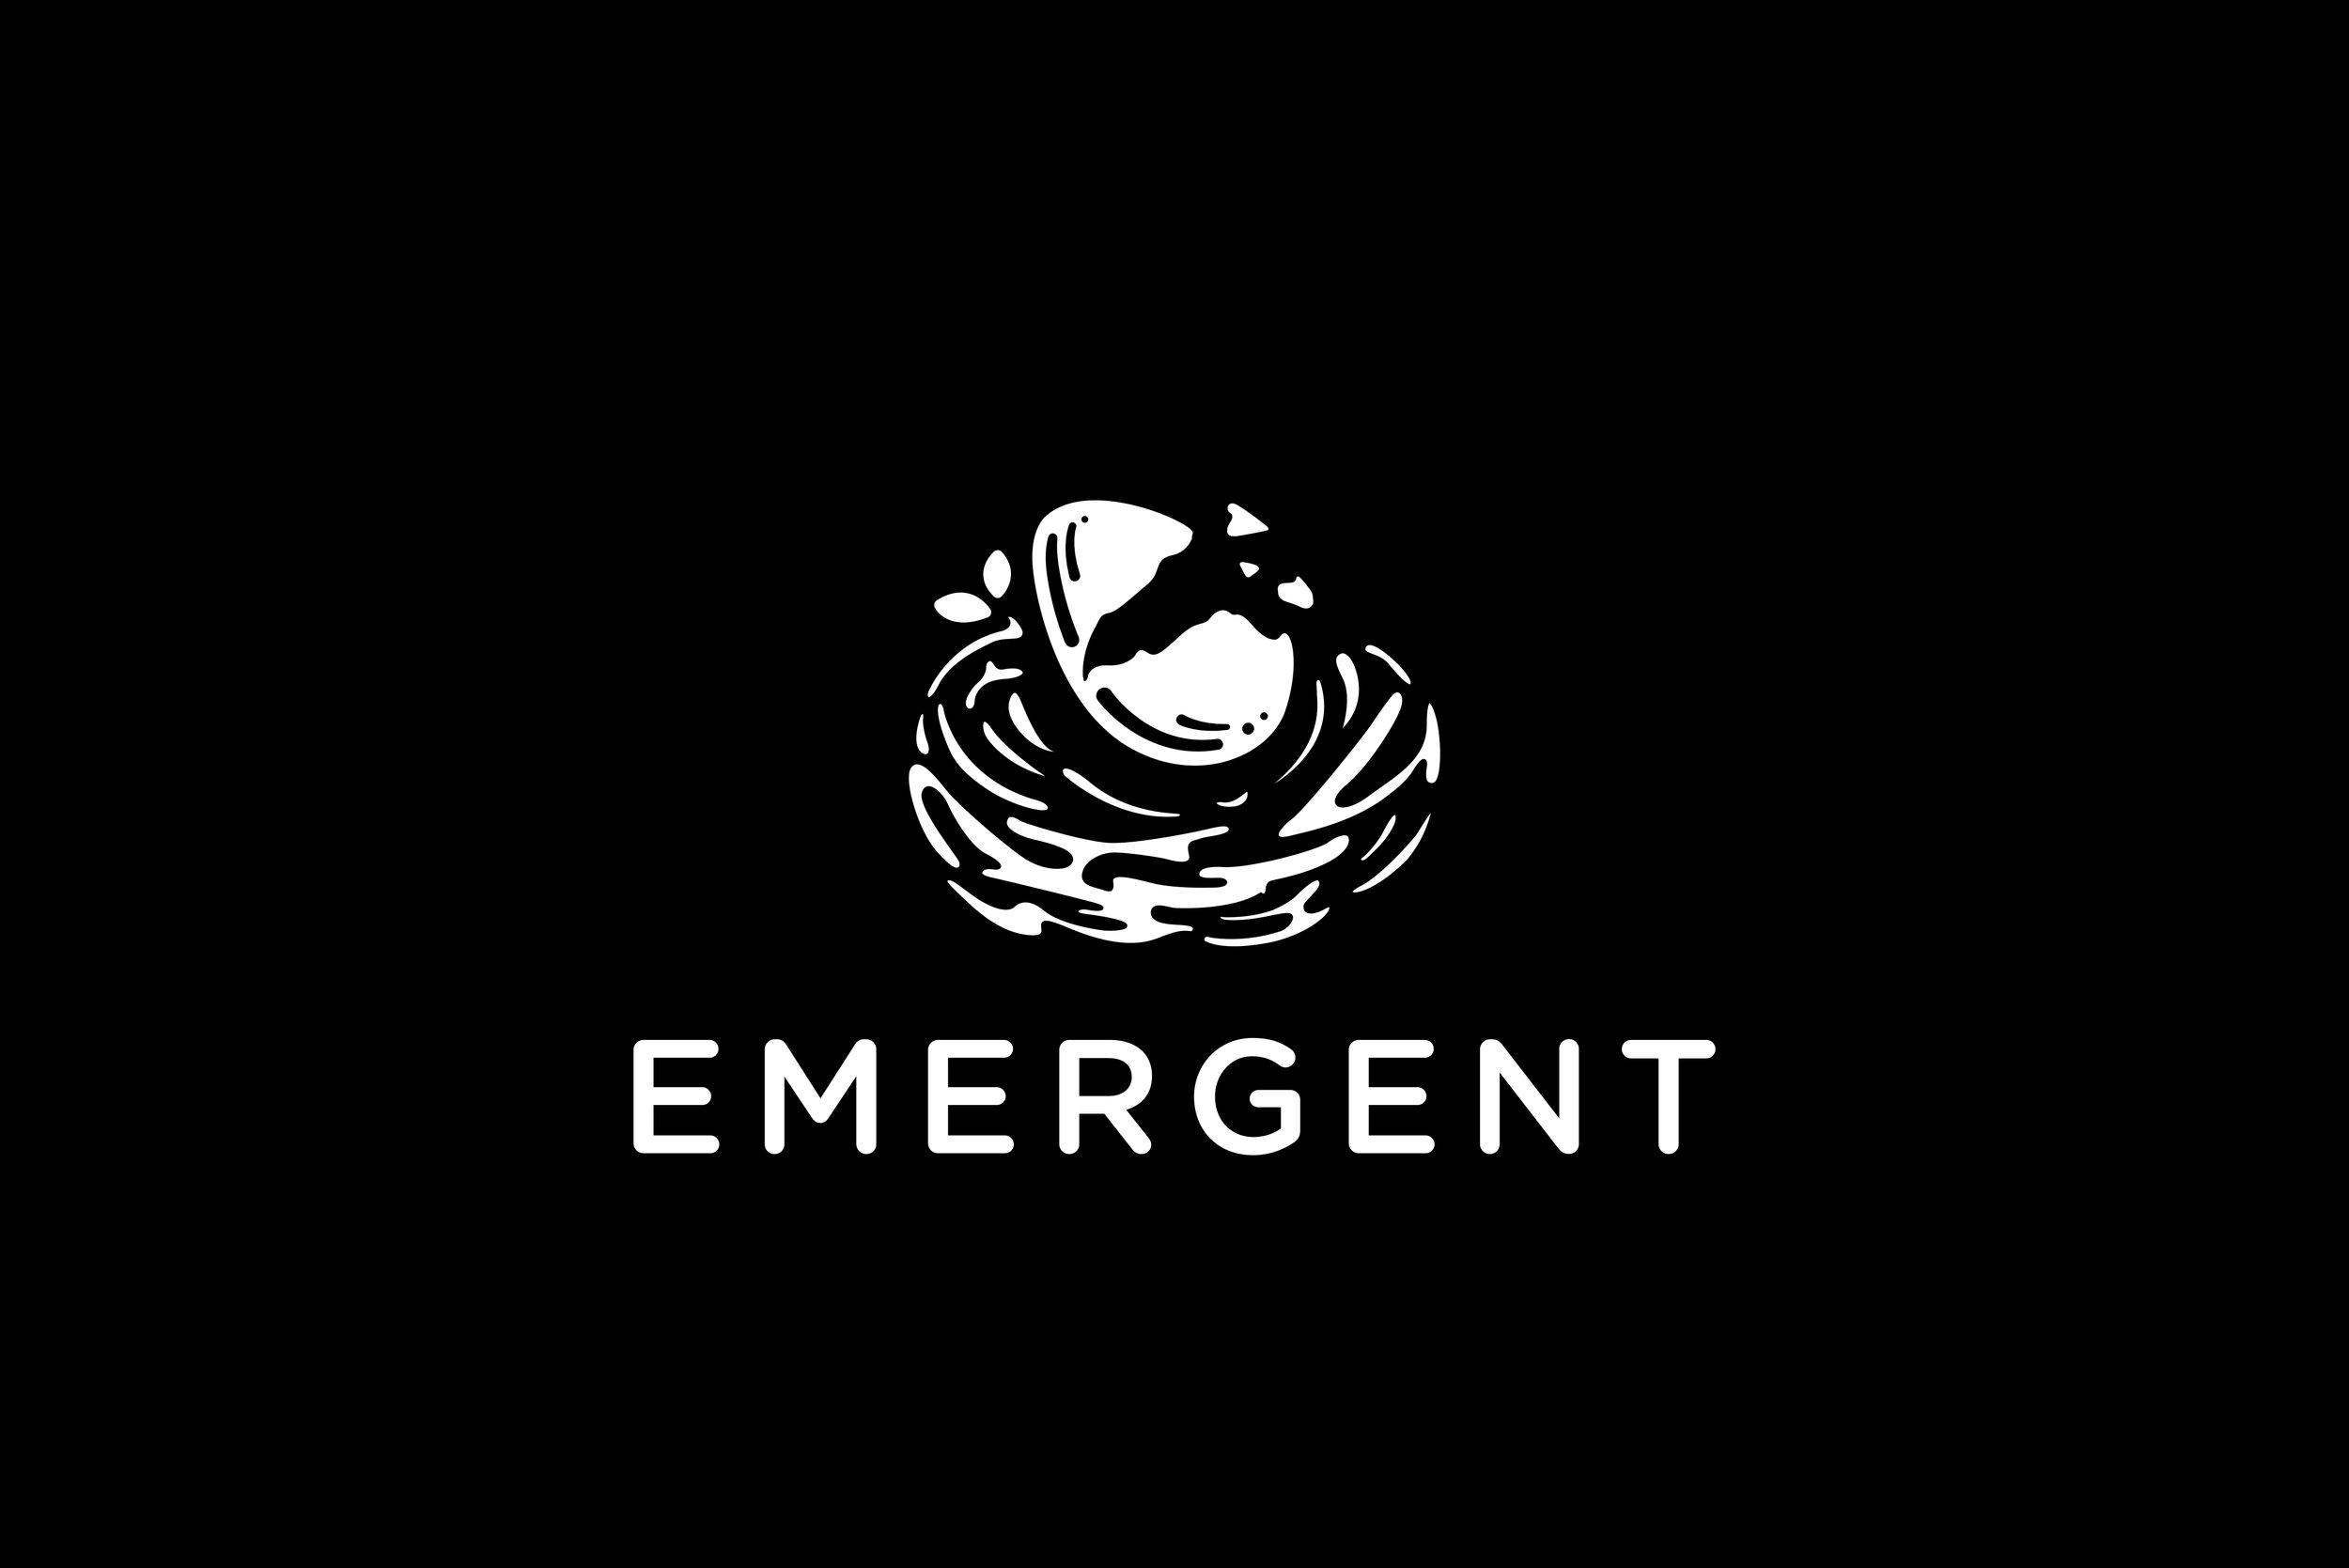 EME_1.jpg